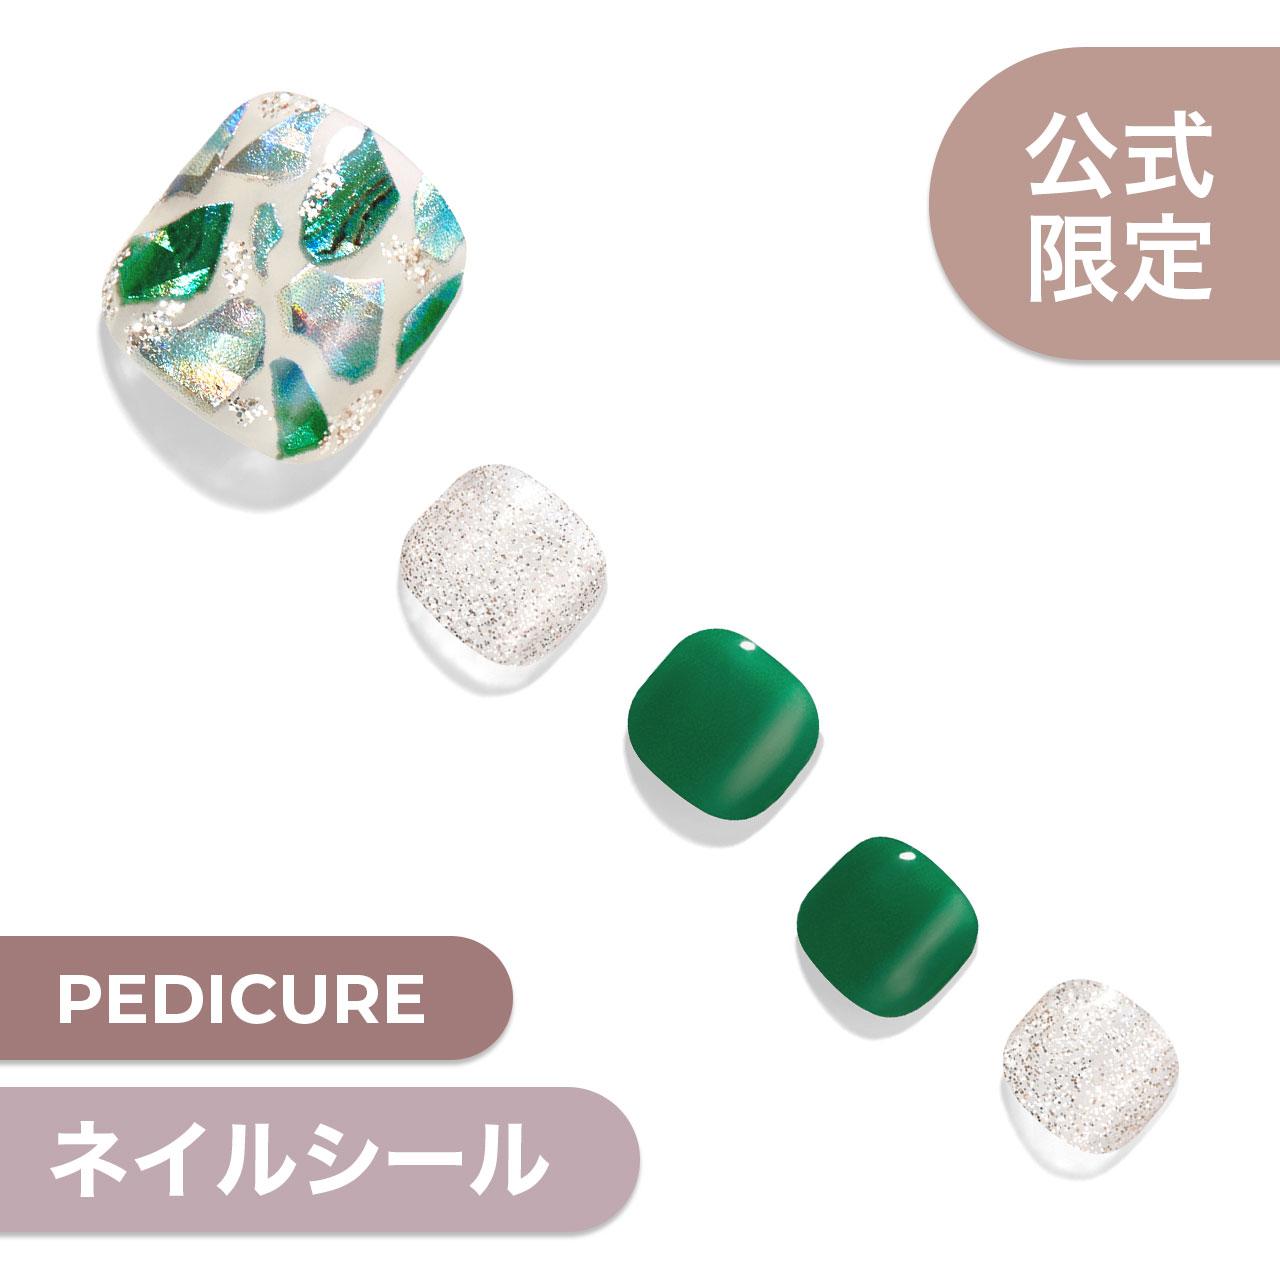 【Eden】ダッシングディバグロス ペディ